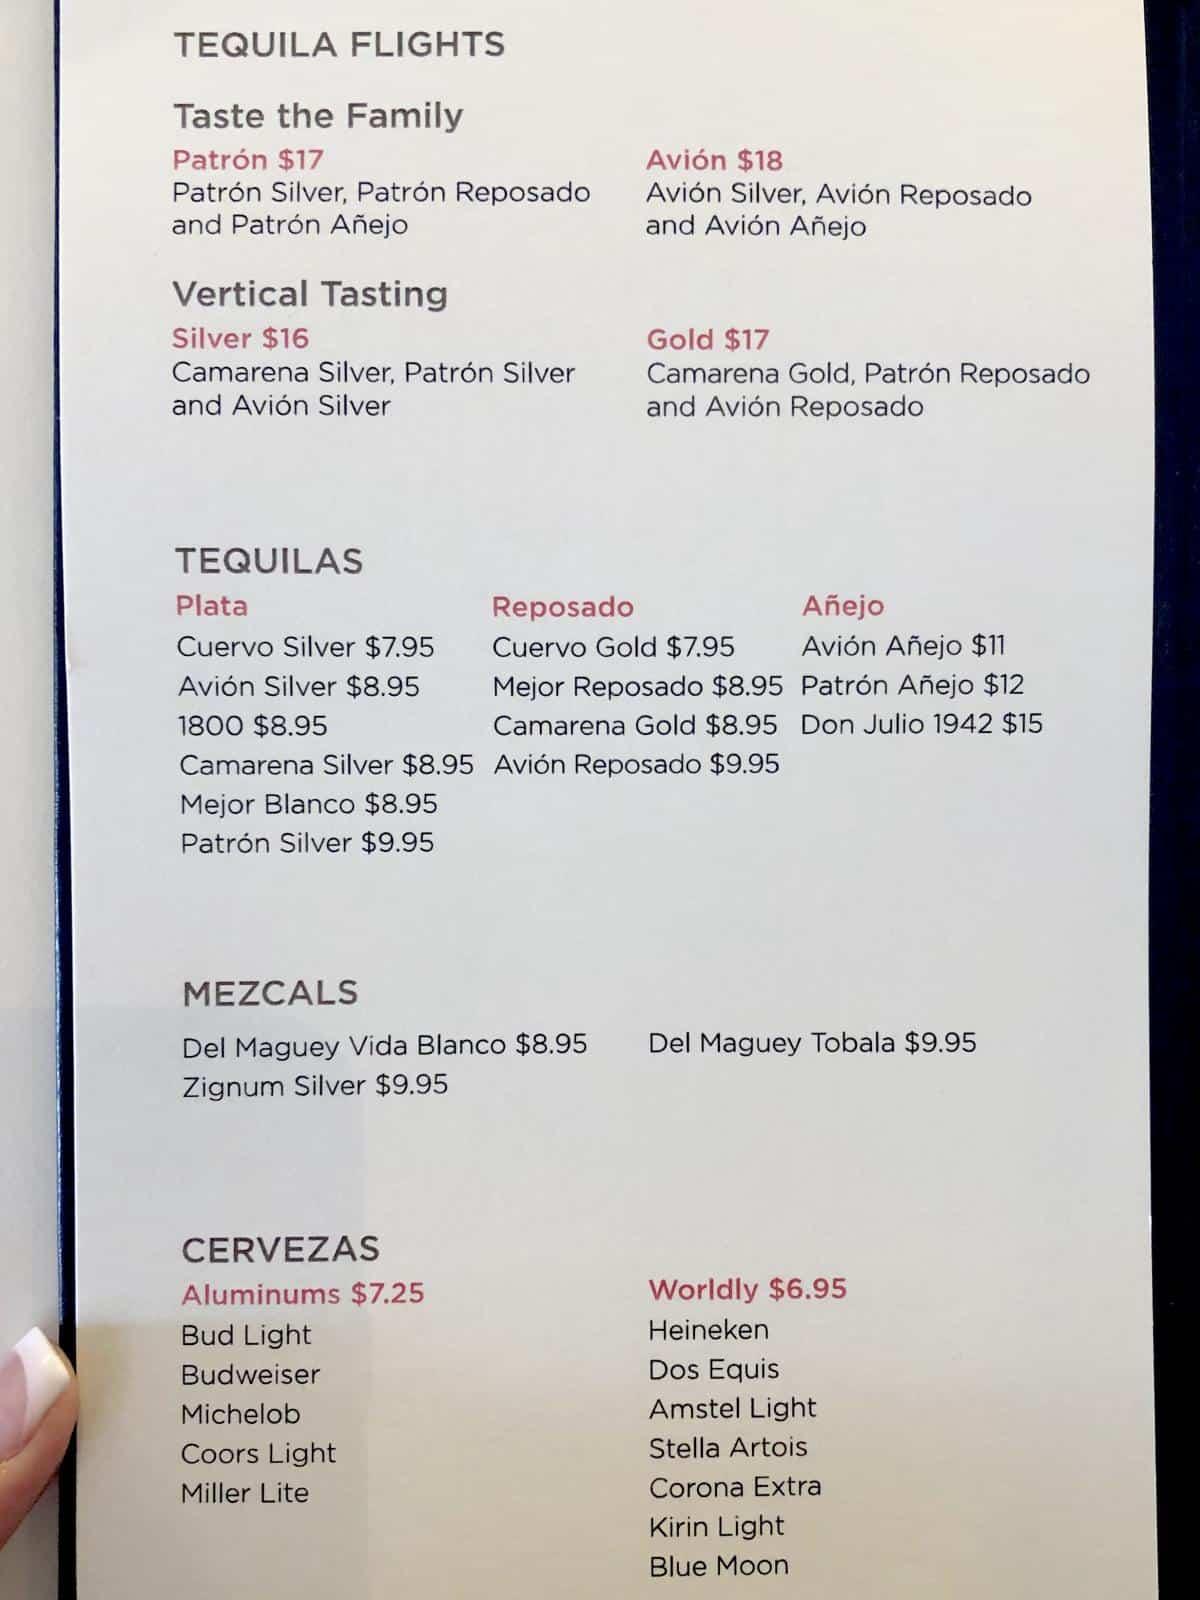 Tequila Flights drinks menu onboard Oasis of the Seas